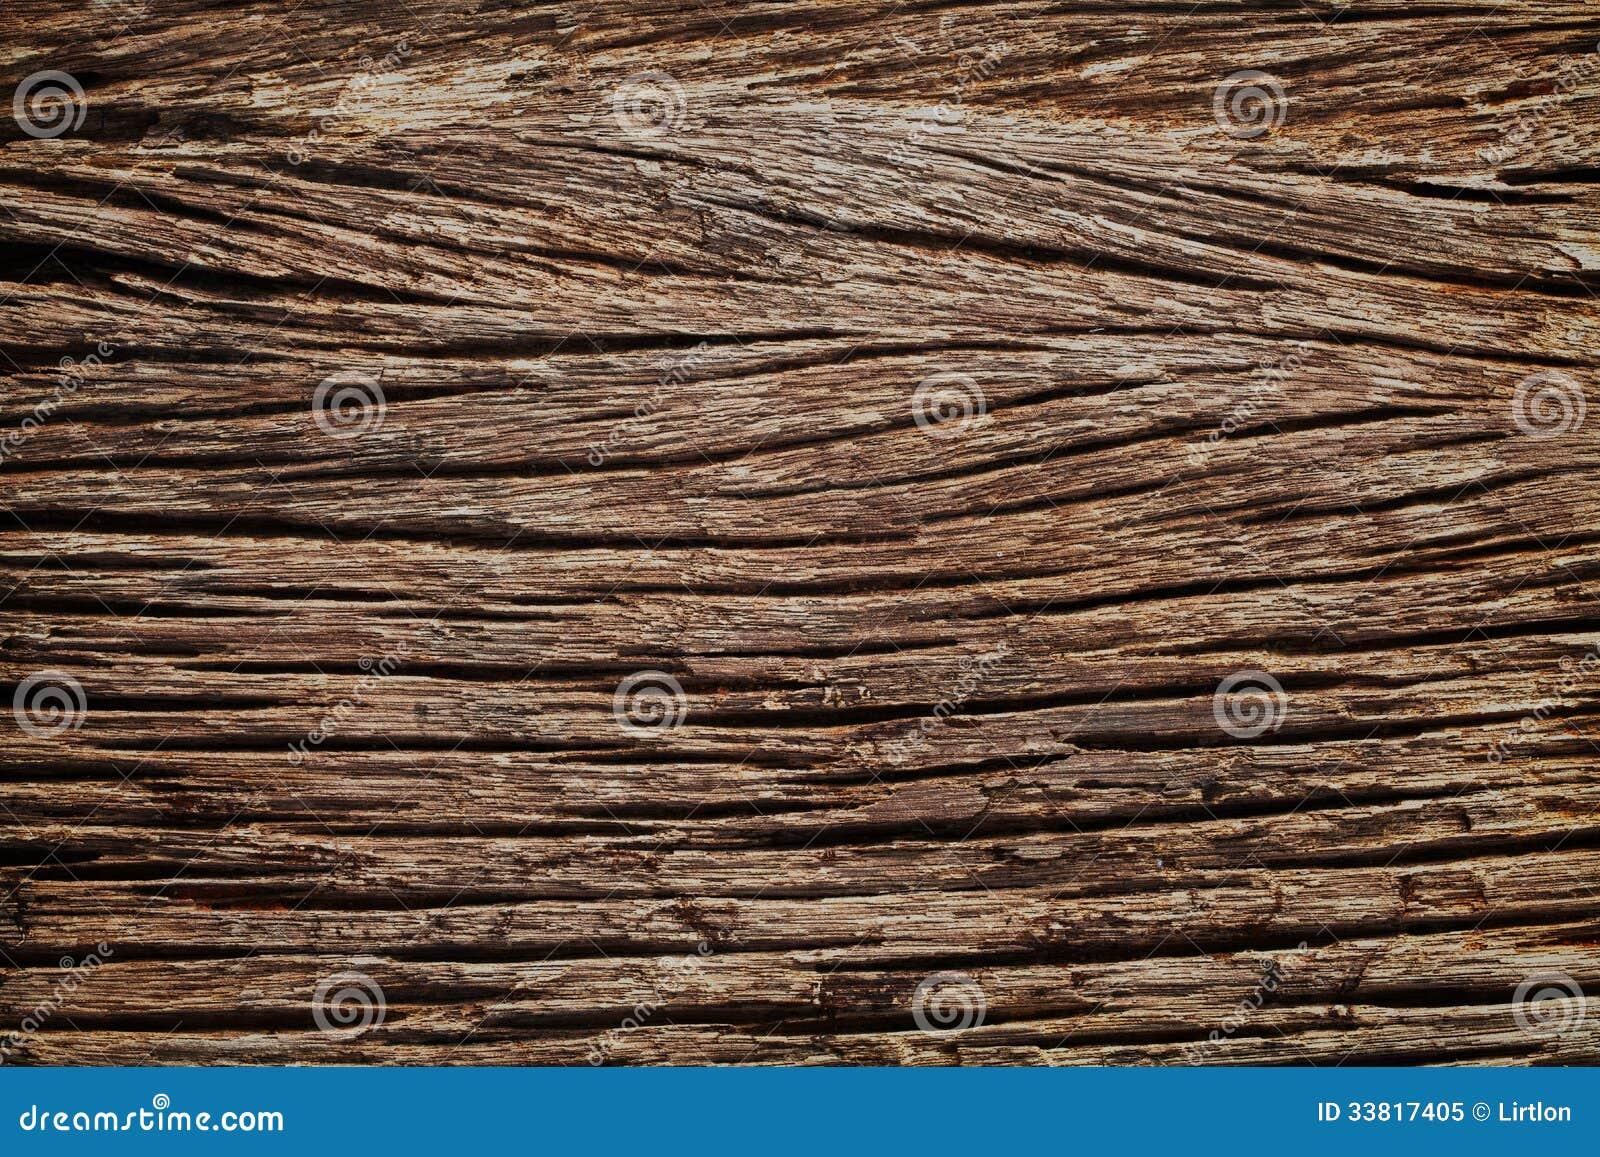 wood background royalty free - photo #25